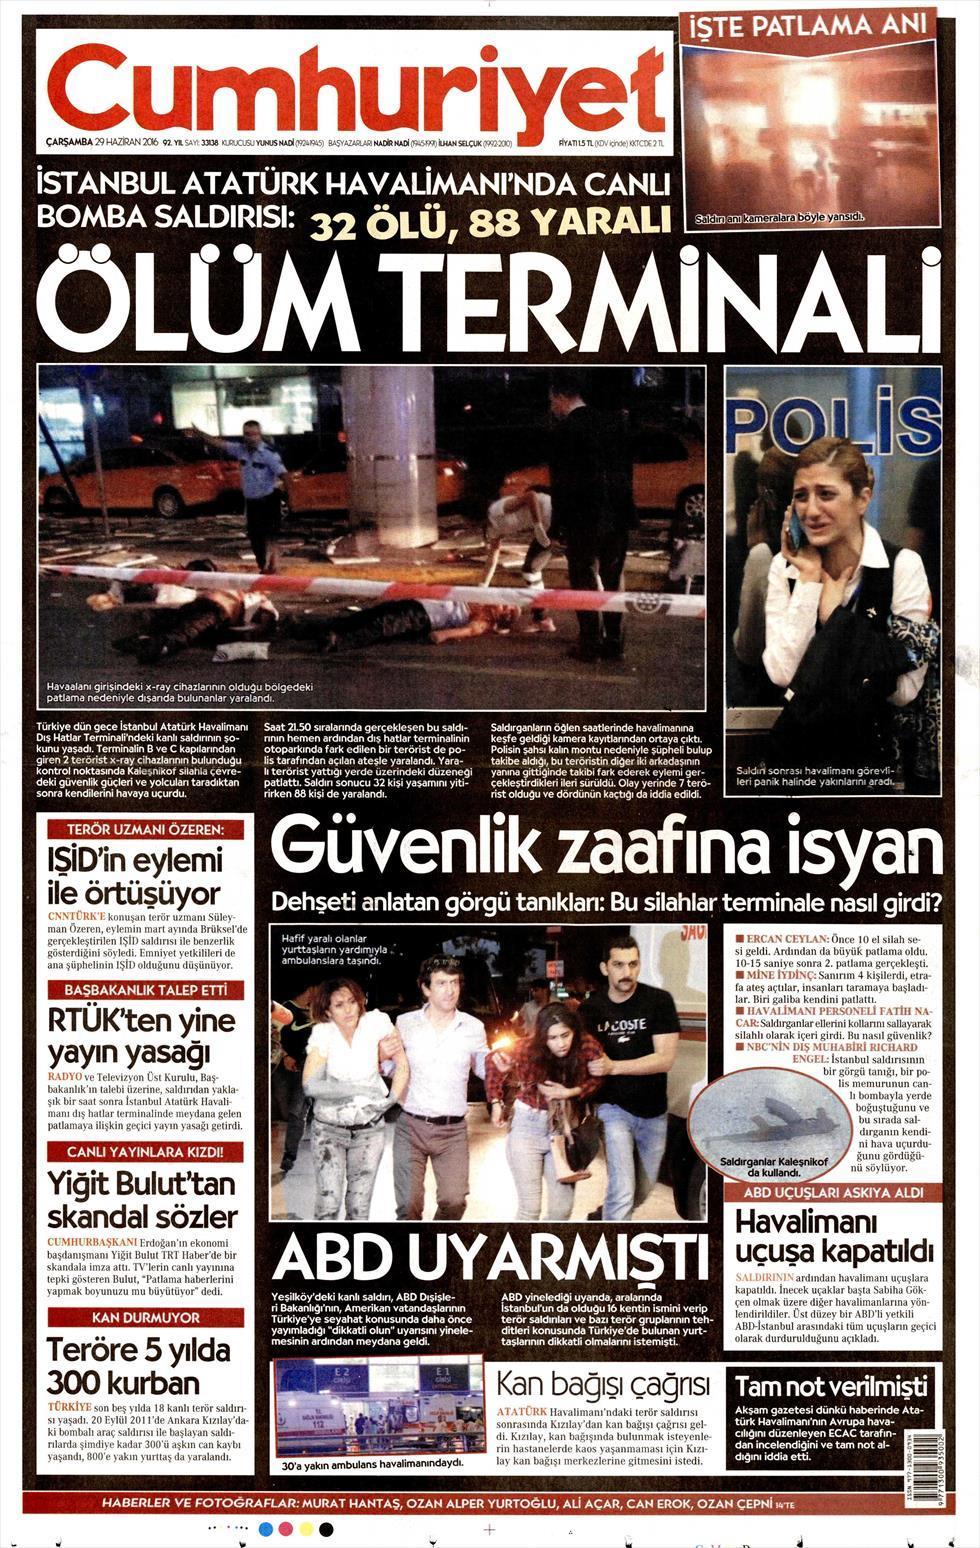 İşte Atatürk Havalimanı saldırısıyla ilgili tüm haberler 14